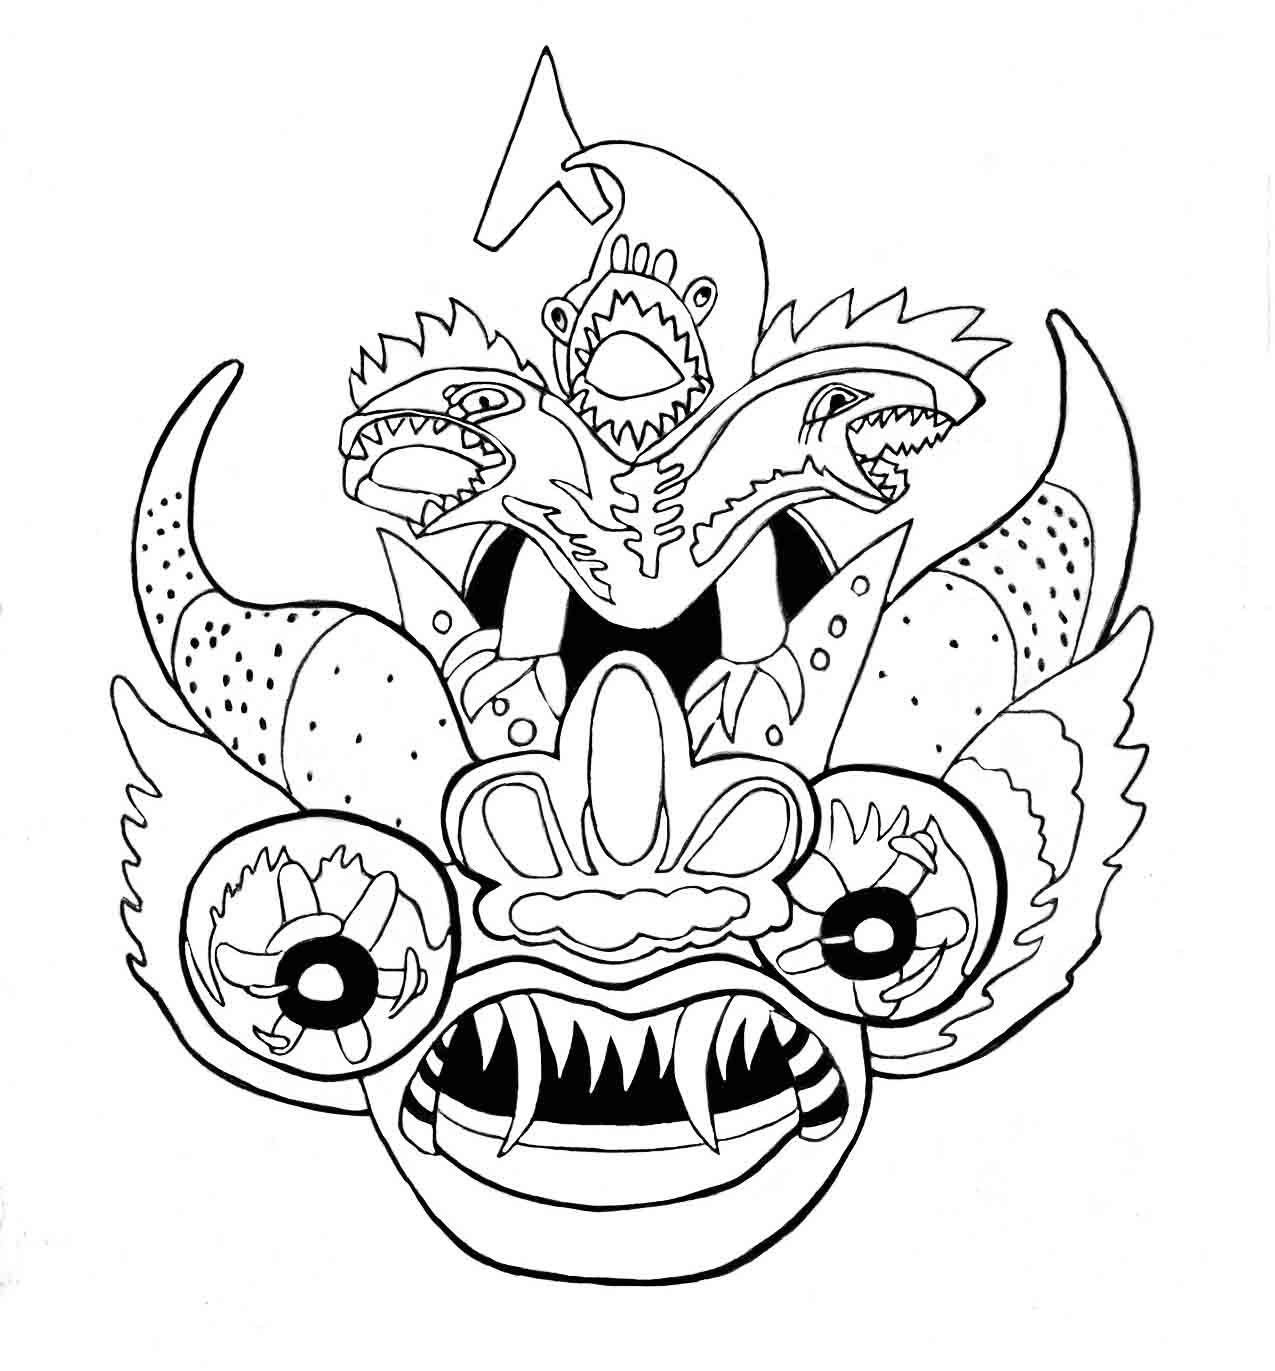 Mascara Para Pintar Mascaras Para Pintar Mascaras Dibujo Dibujos Carnaval